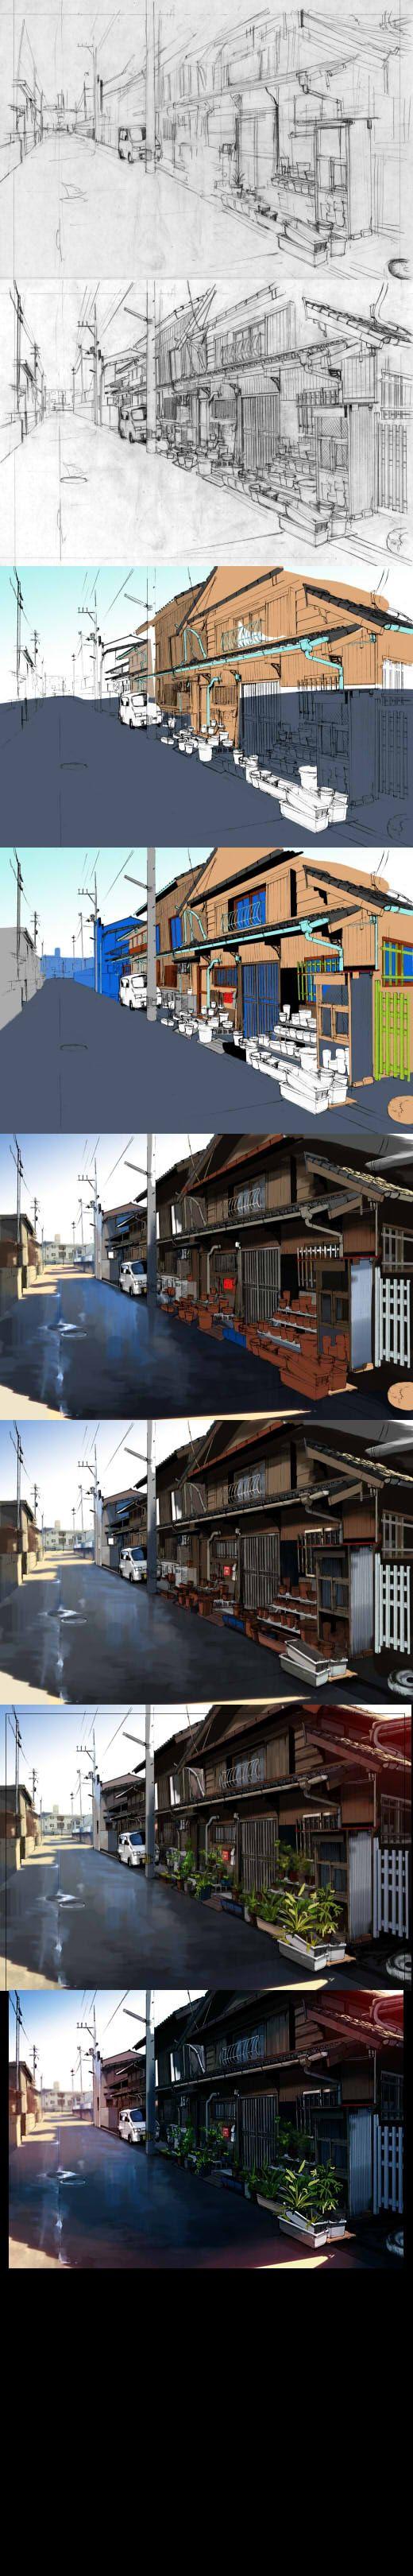 日本乡村场景绘制过程-FlyT漫画教程